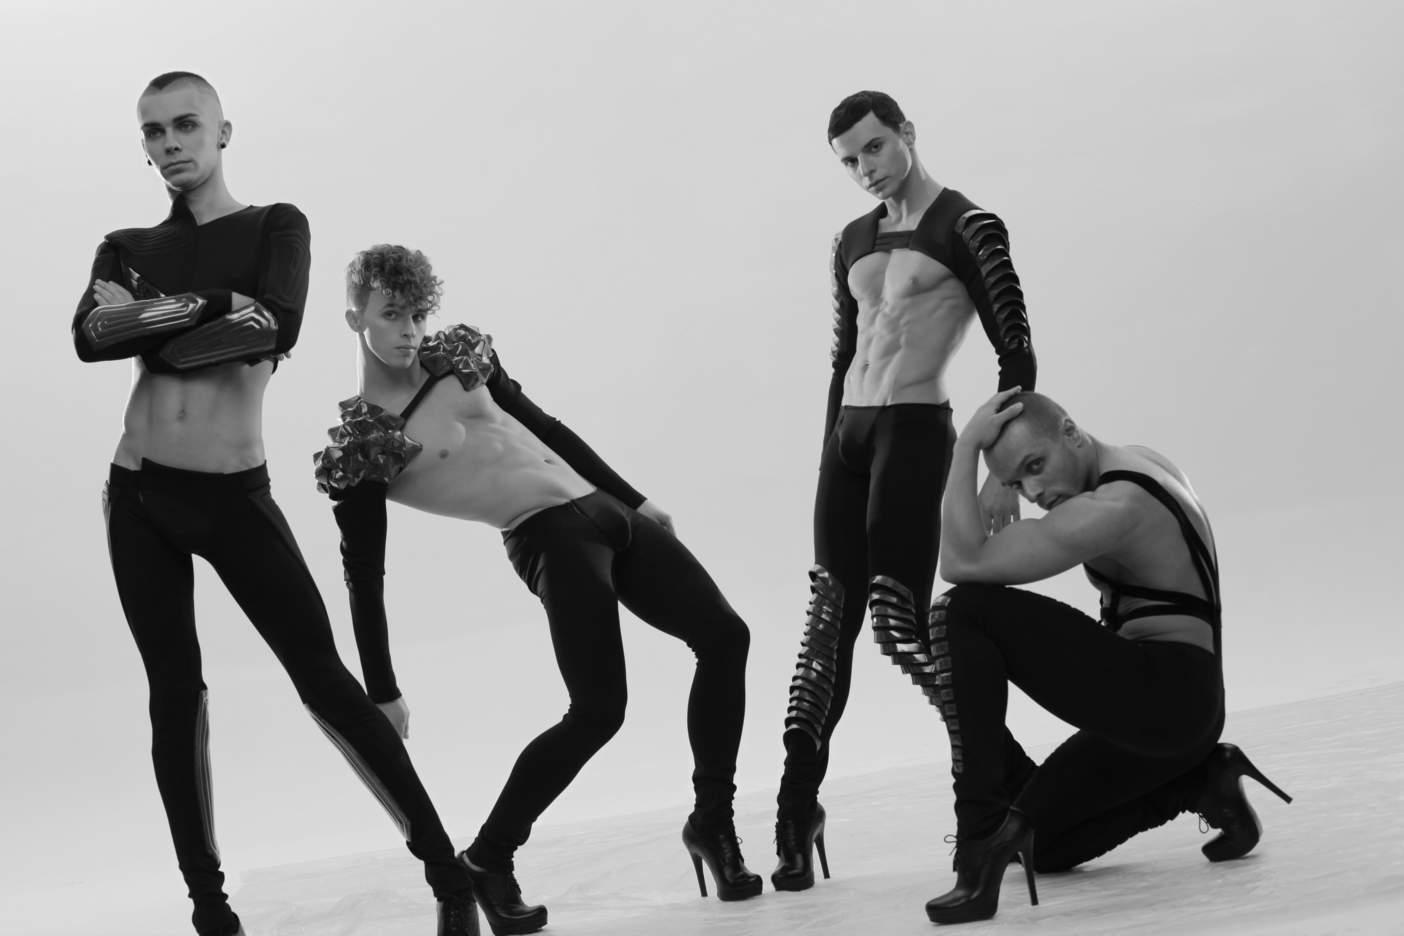 Transvestizm: Kadın kıyafeti giyen erkek gey midir?